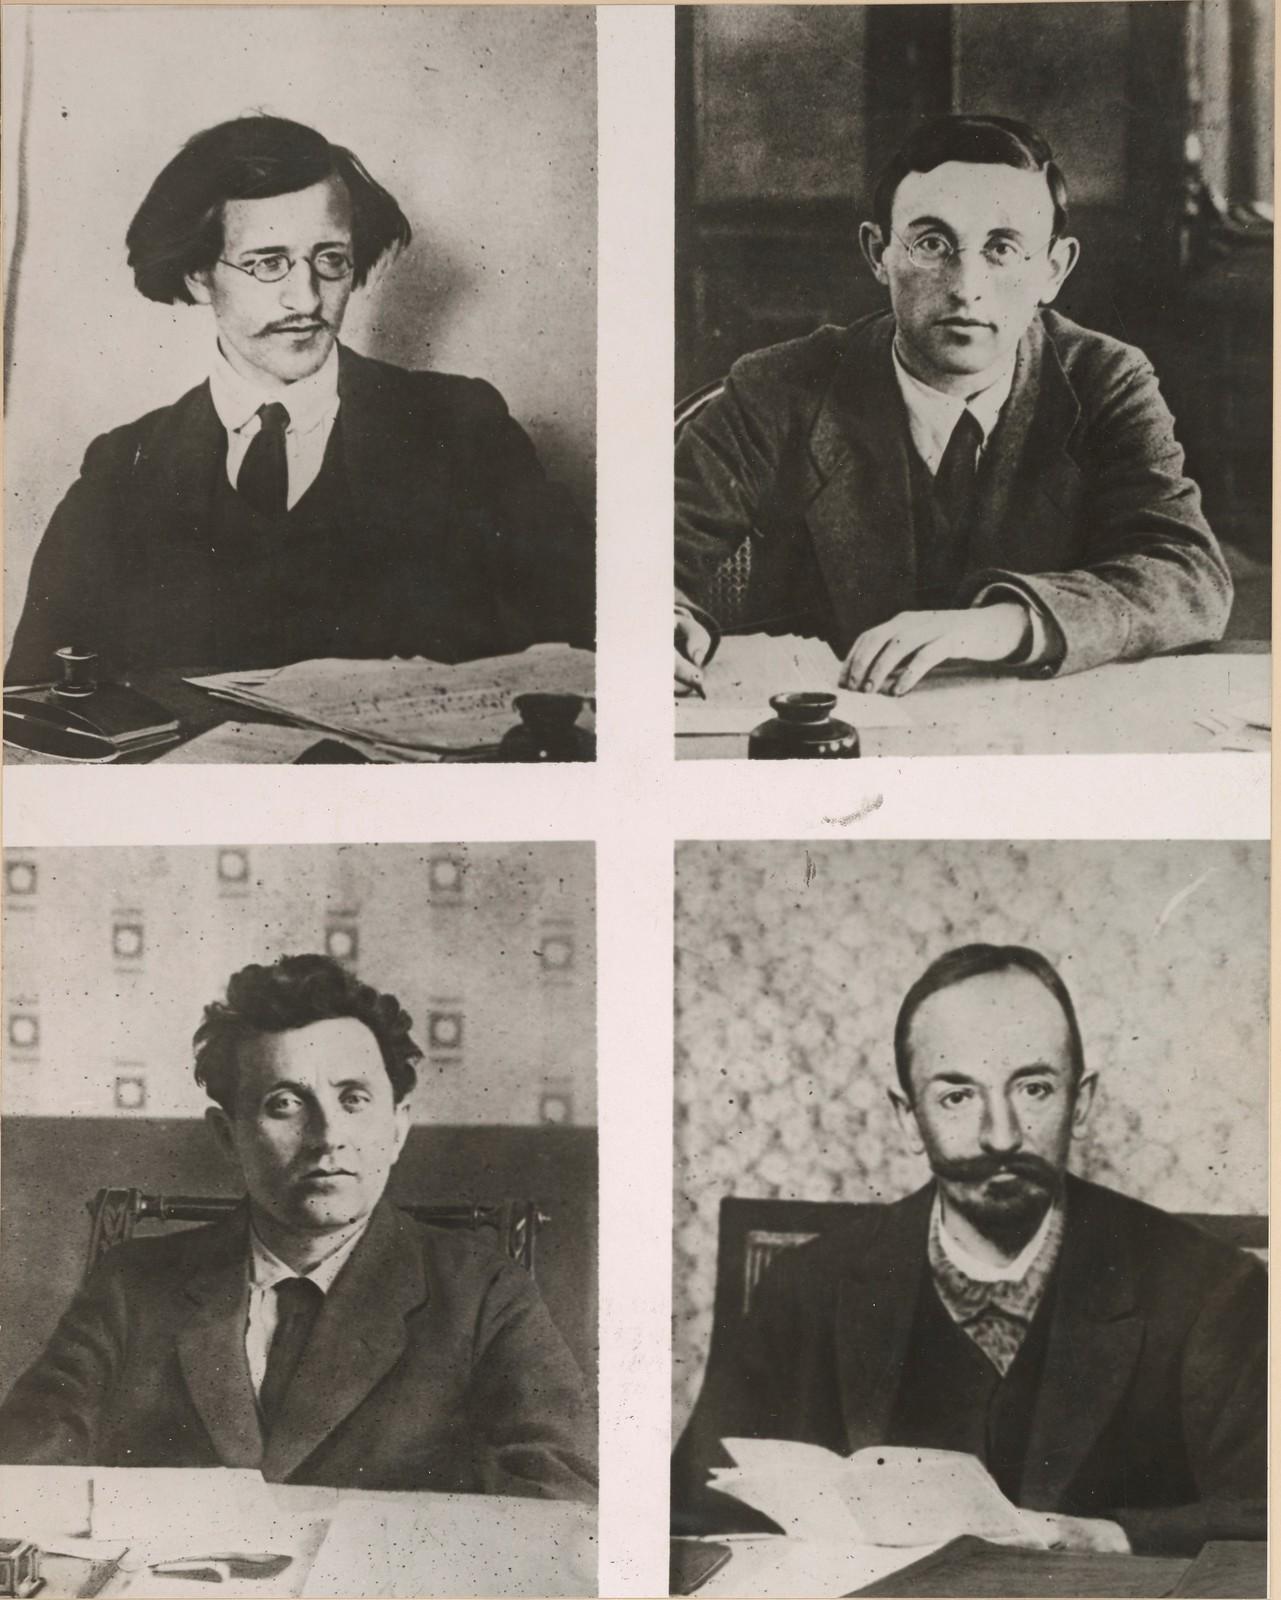 Четверо лидеров большевистского режима в России, который теперь быстро рушится под быстрым наступлением чехословацких и союзных войск